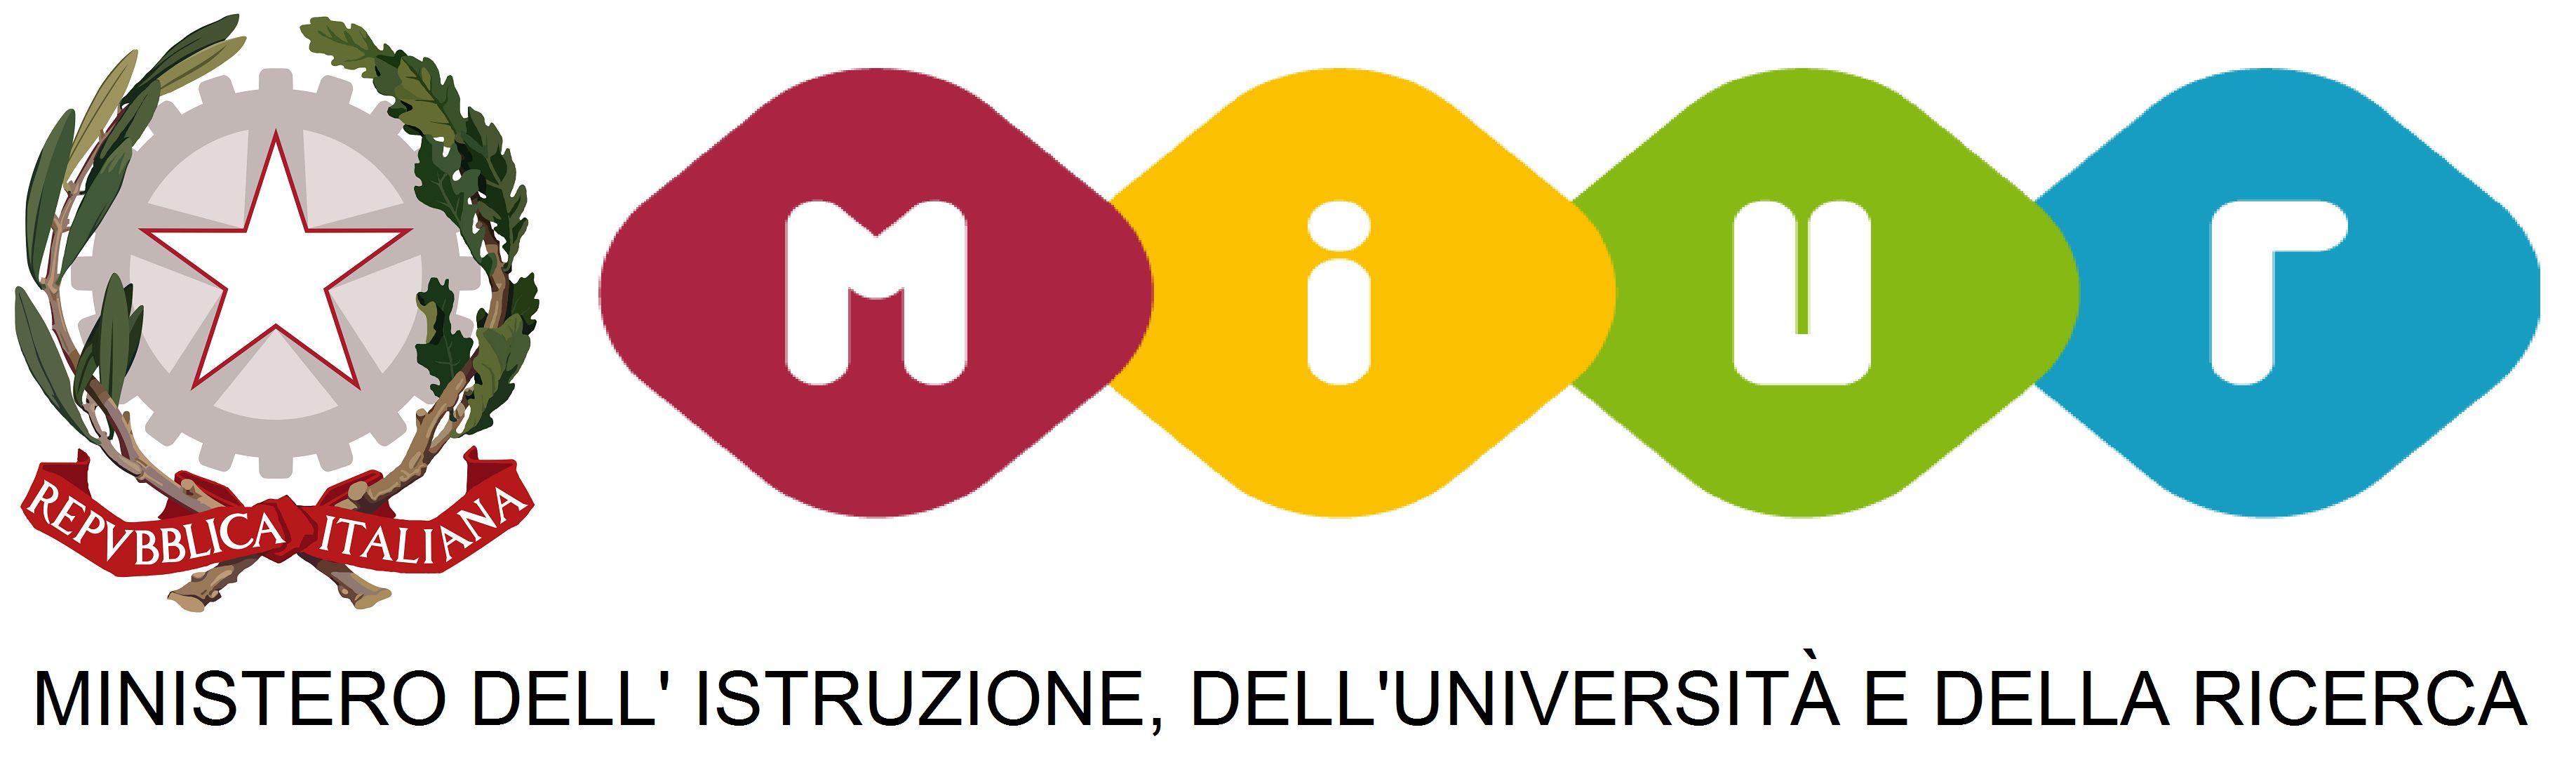 Specializzazioni mediche: entro l'8 luglio i candidati stranieri potranno esibire il certificato C1 di lingua italiana